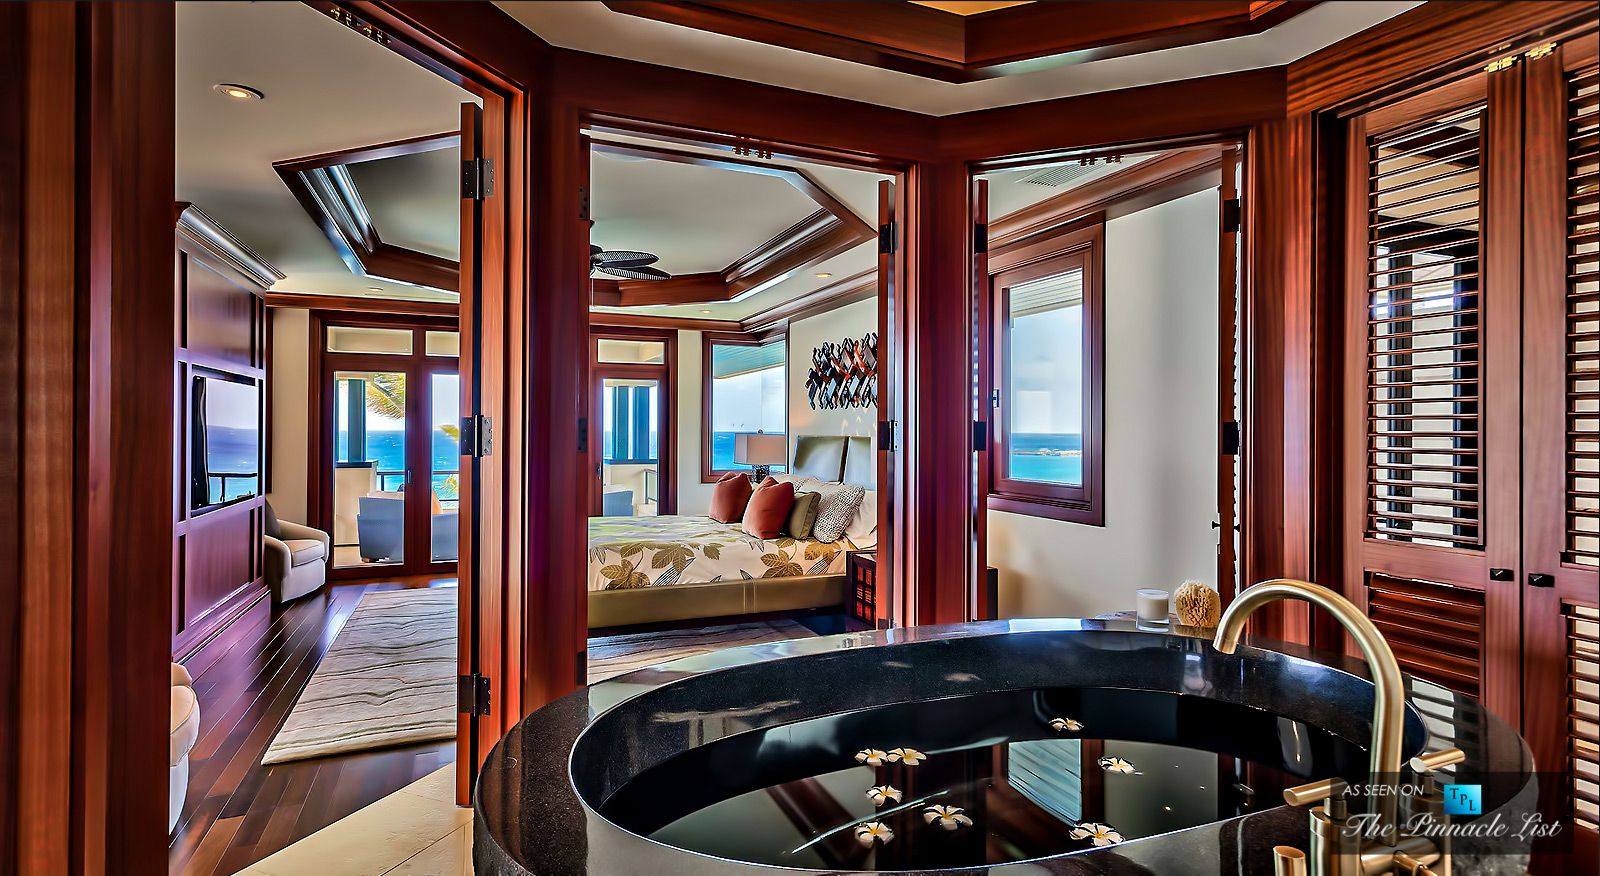 Kapalua Place Kapalua Lahaina Maui Hawaii Yes Please - Luxury homes in maui